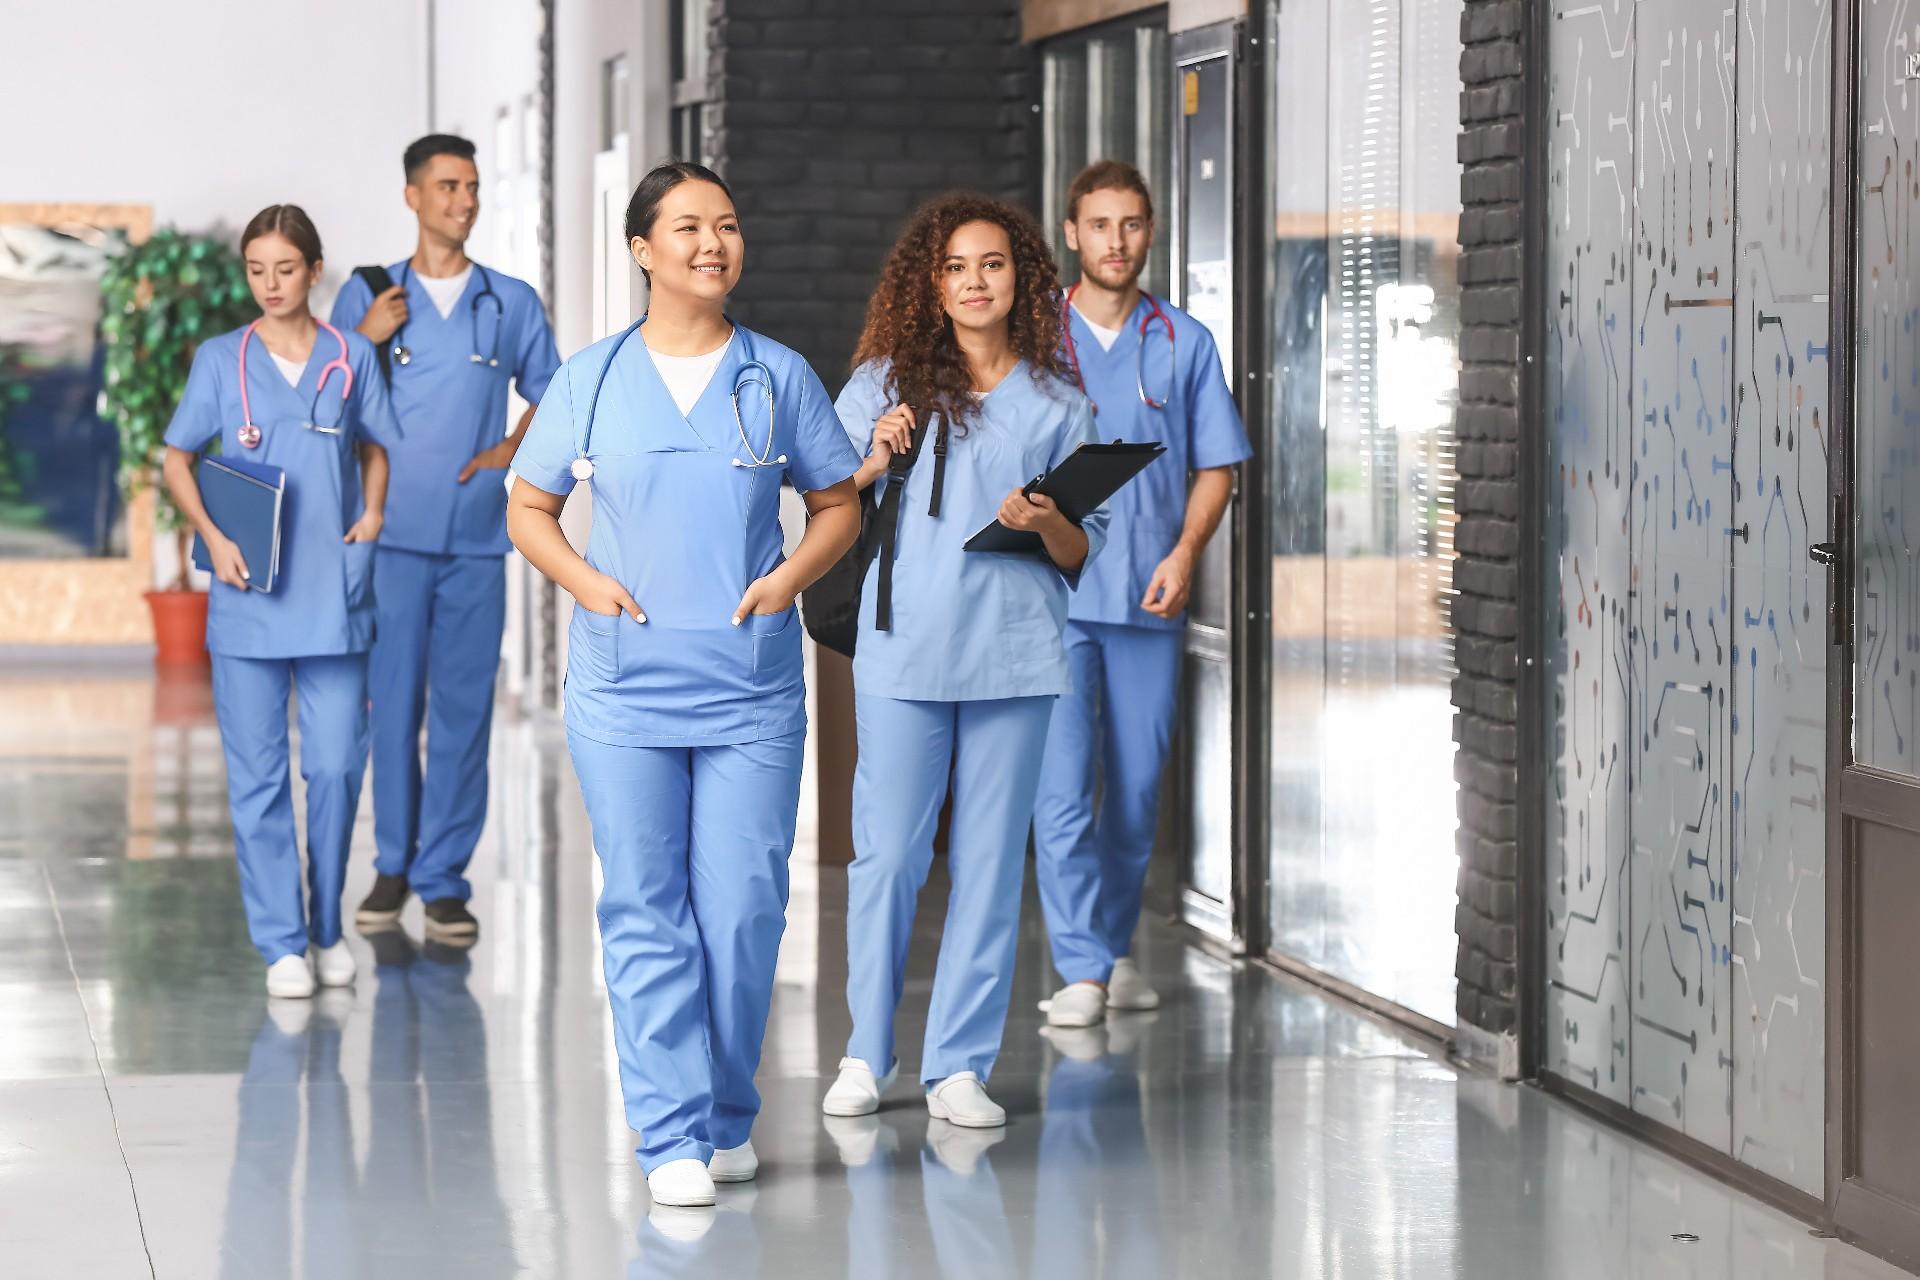 hemşirelikte yüksek lisans